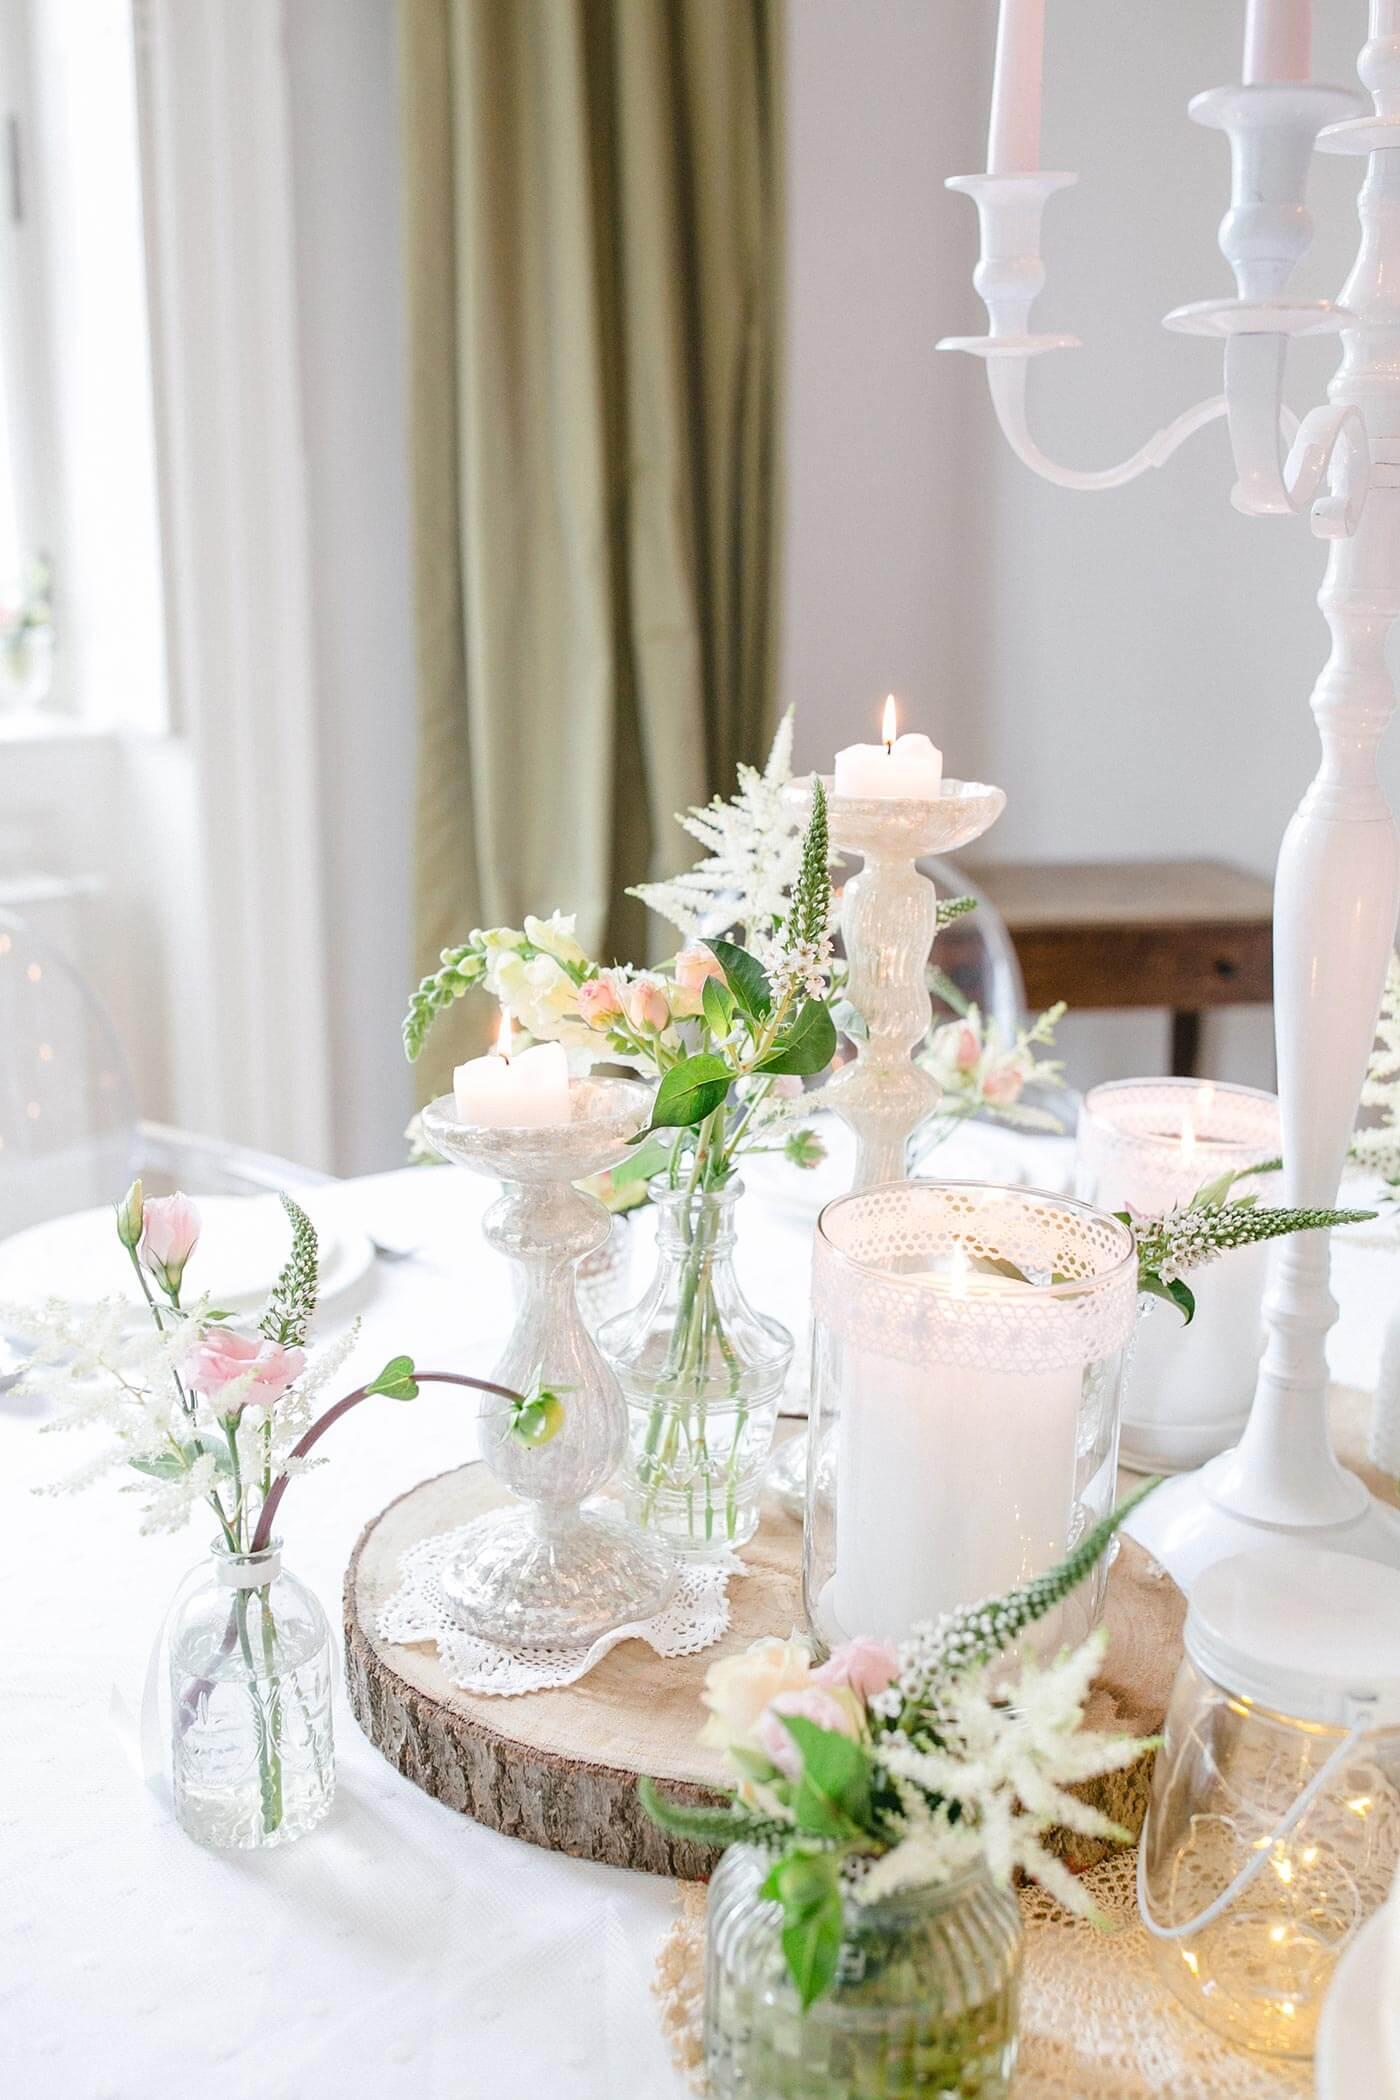 Frhling Tischdekoration zur Hochzeit I Inspiration  Ideen